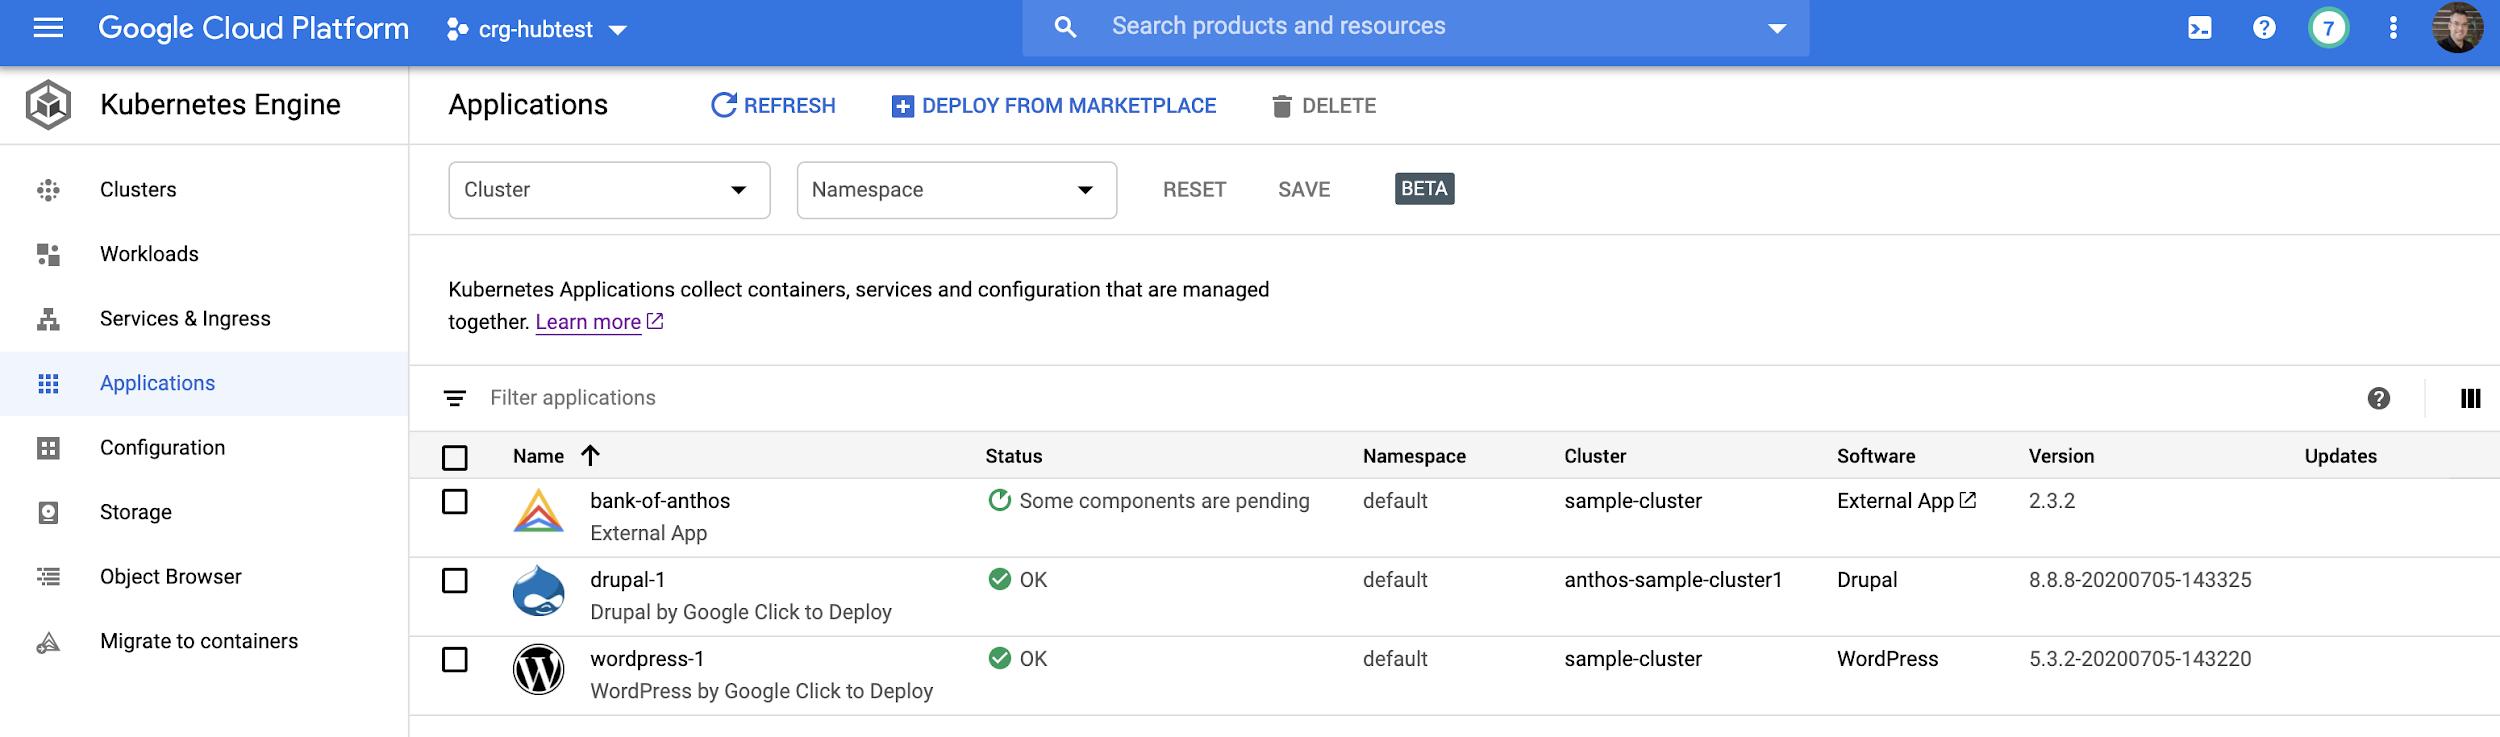 Uma visualização parcial da página Aplicativos que mostra uma lista de aplicativos e várias propriedades.